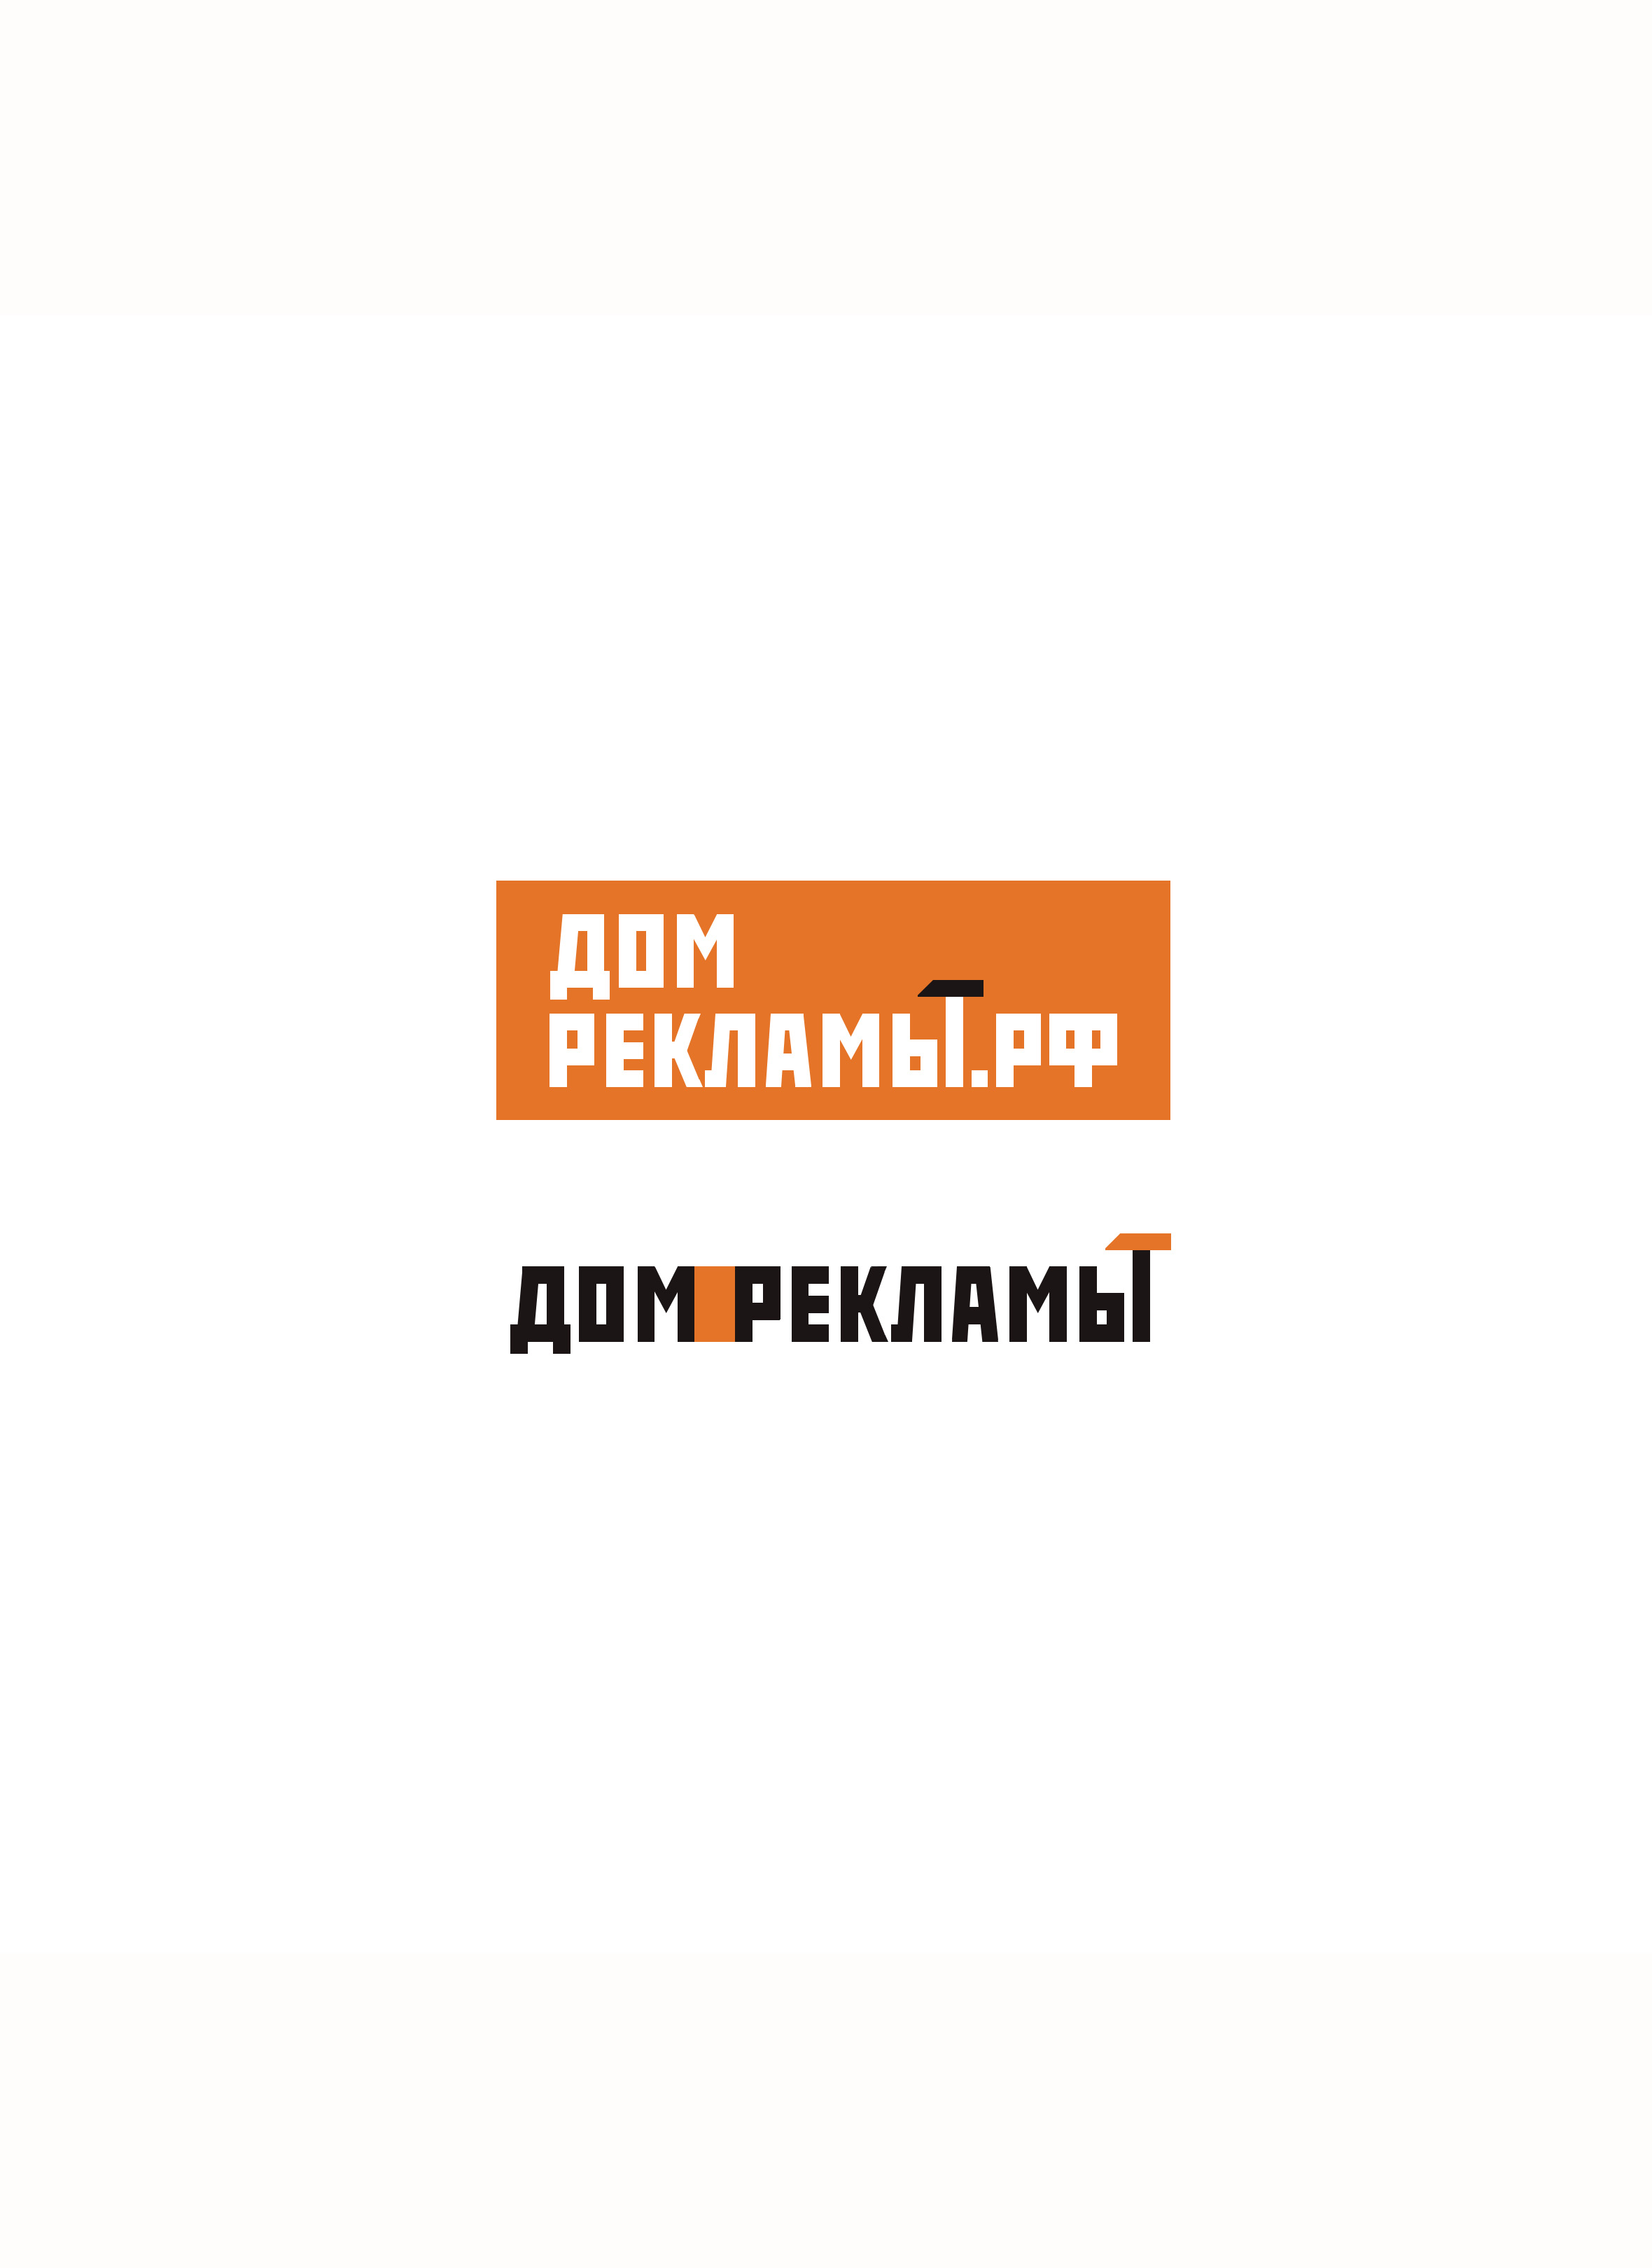 Дизайн логотипа рекламно-производственной компании фото f_6985eddfca848c62.jpg